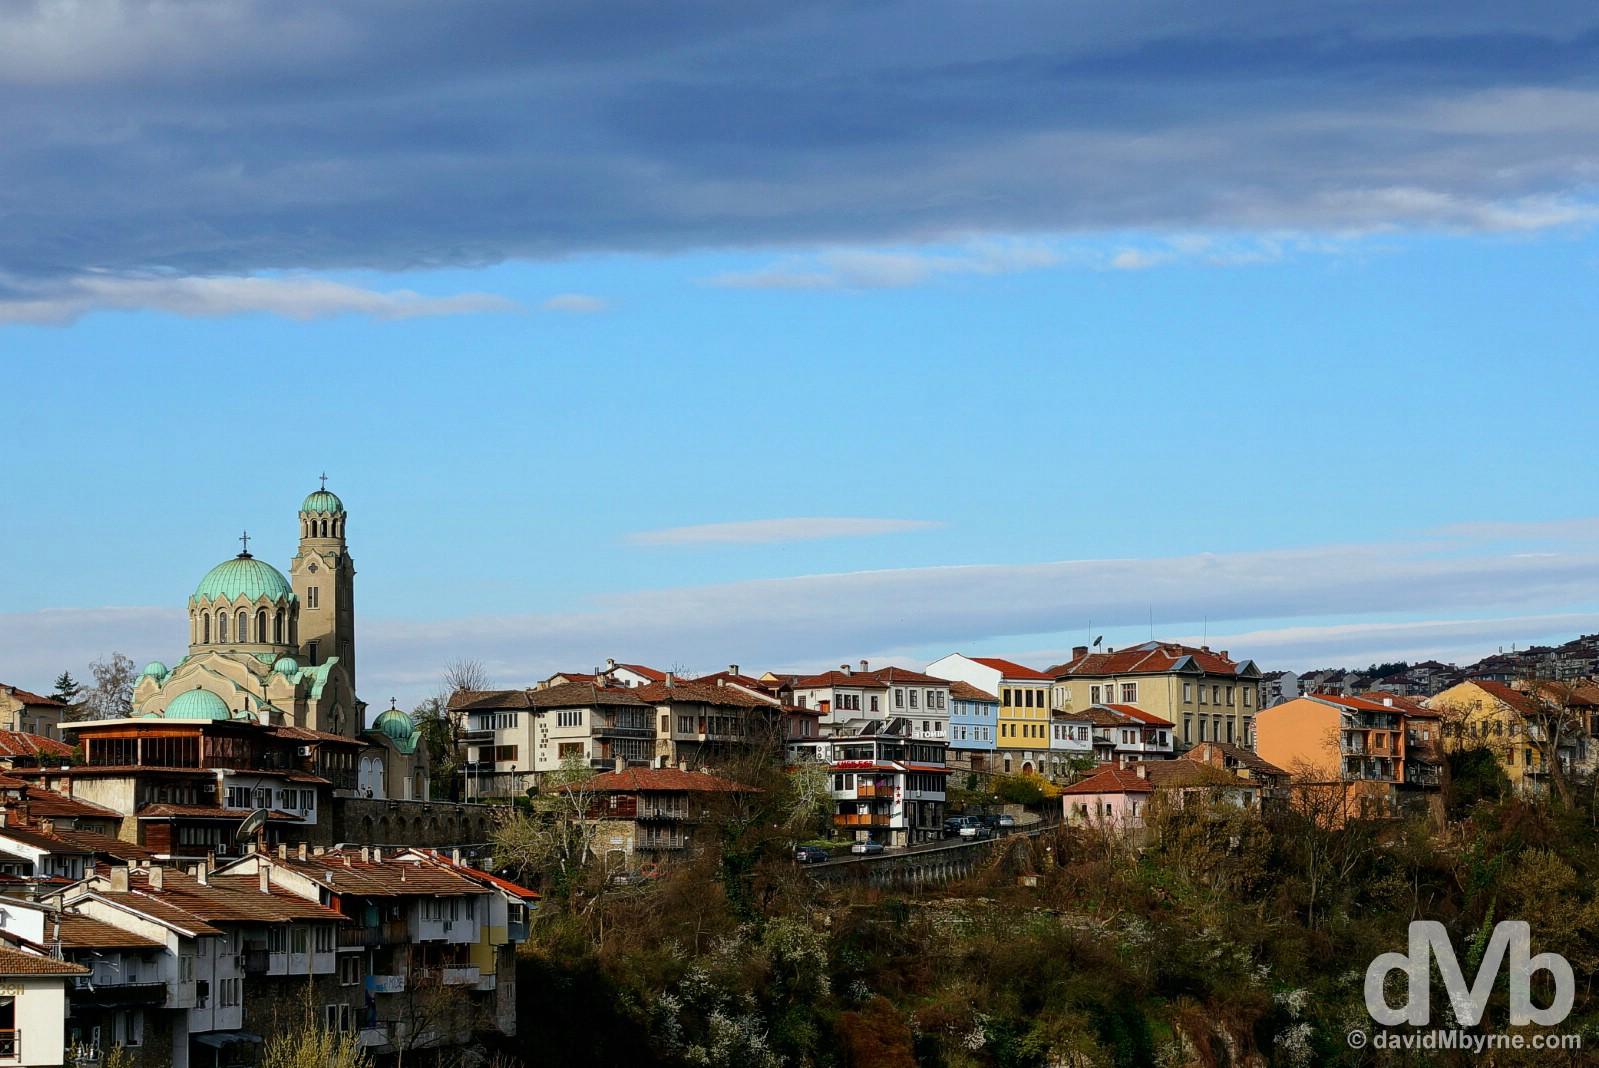 Veliko Tarnovo, Bulgaria. March 31, 2015.